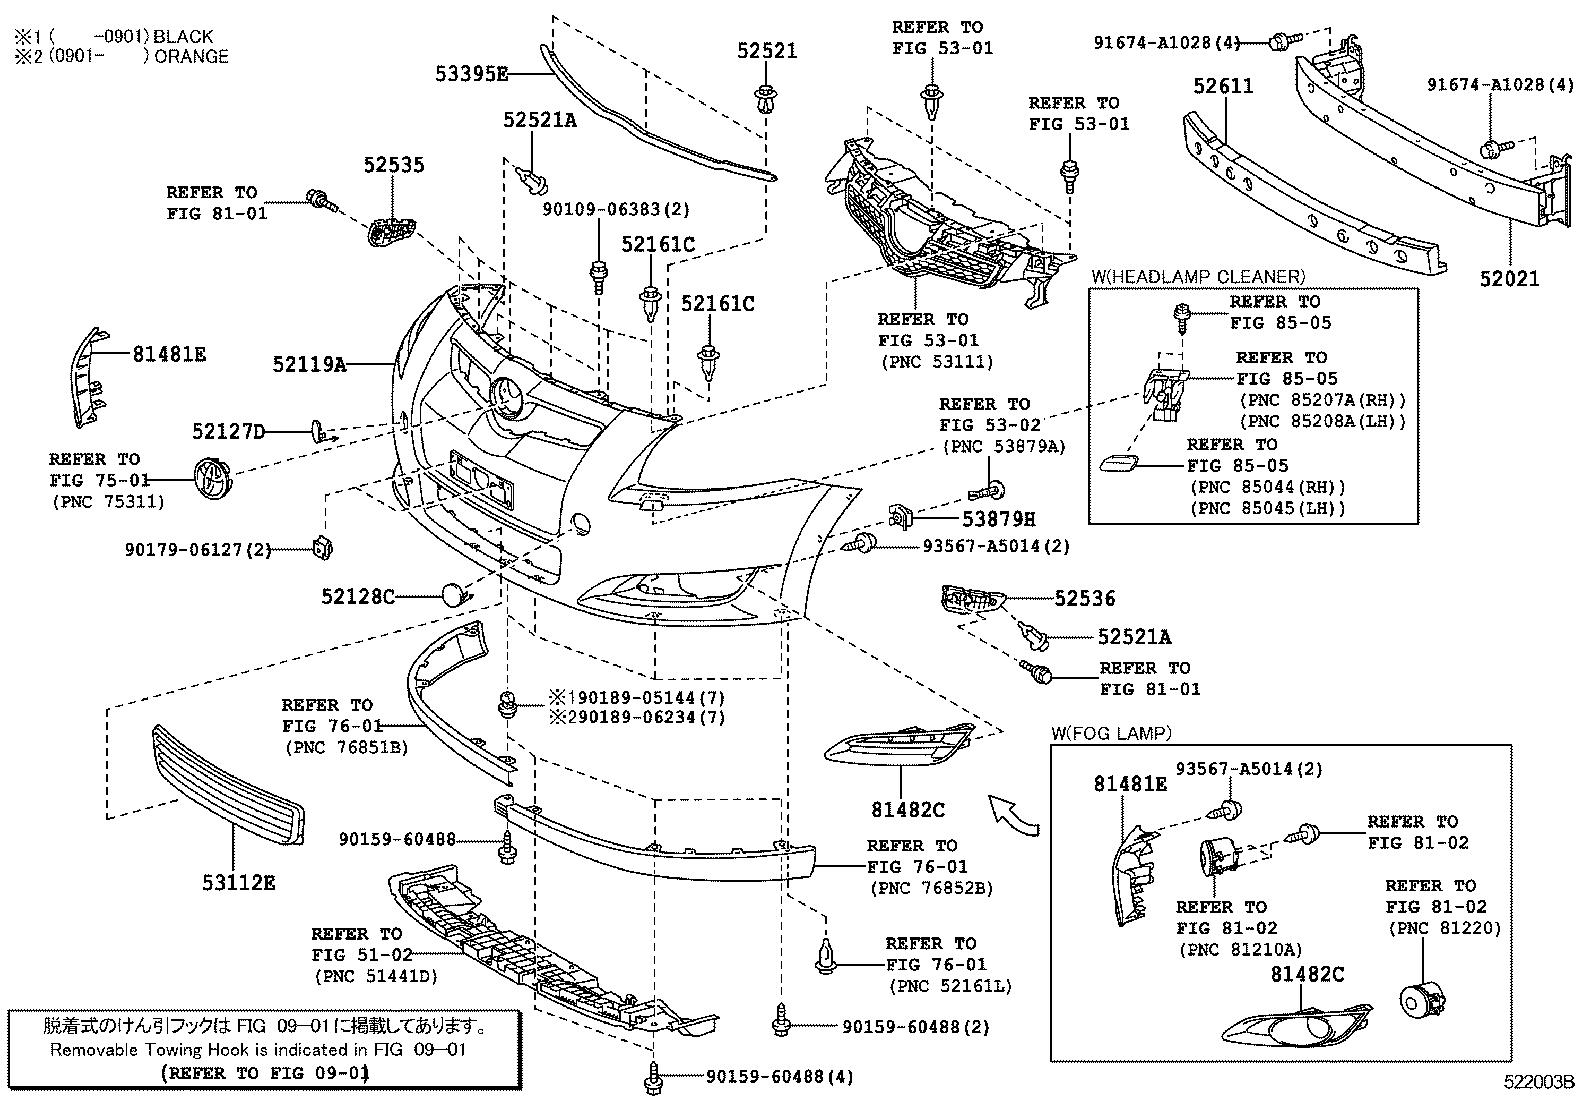 toyota auris corollazre152r-ahfnpw - body